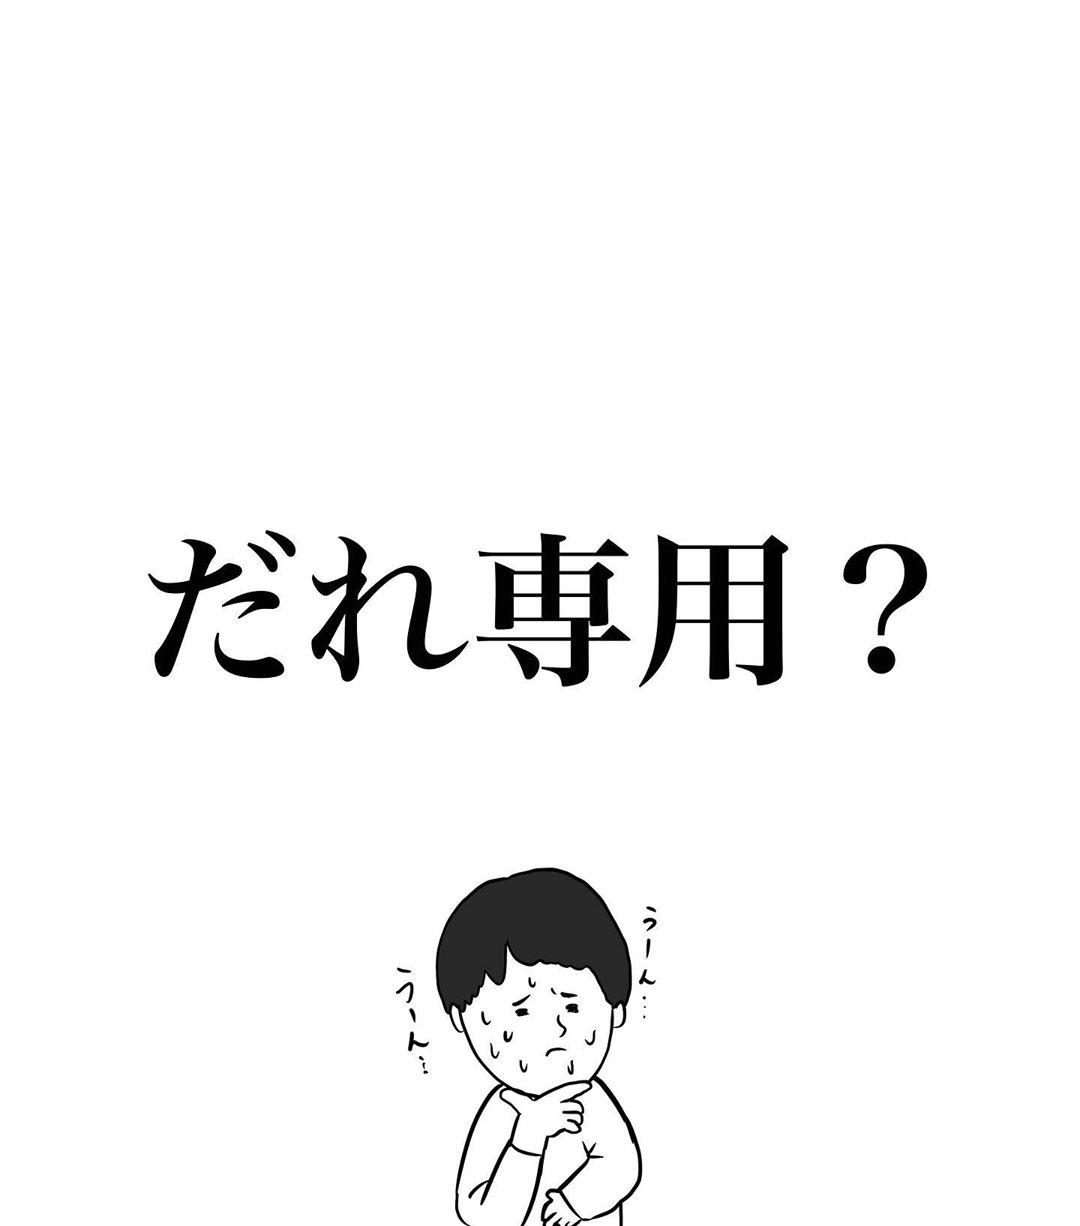 iiazishichuu_89858792_2527635660818391_691858398811879518_n